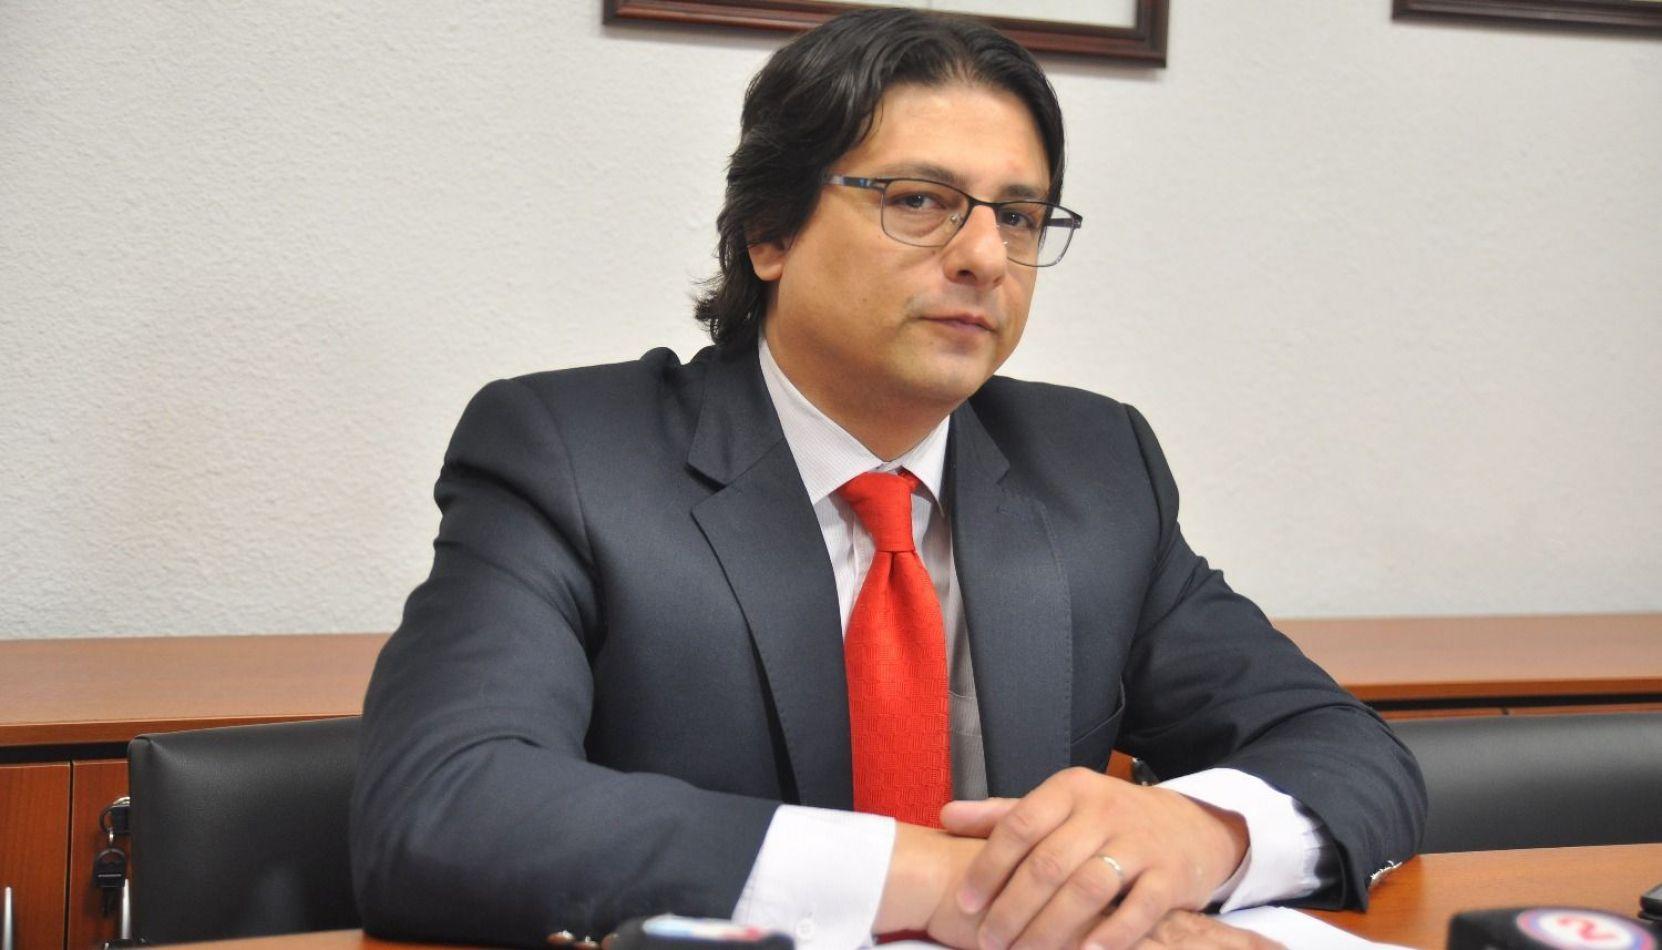 Sergio Lello Sánchez, jefe de los fiscales de Morales.